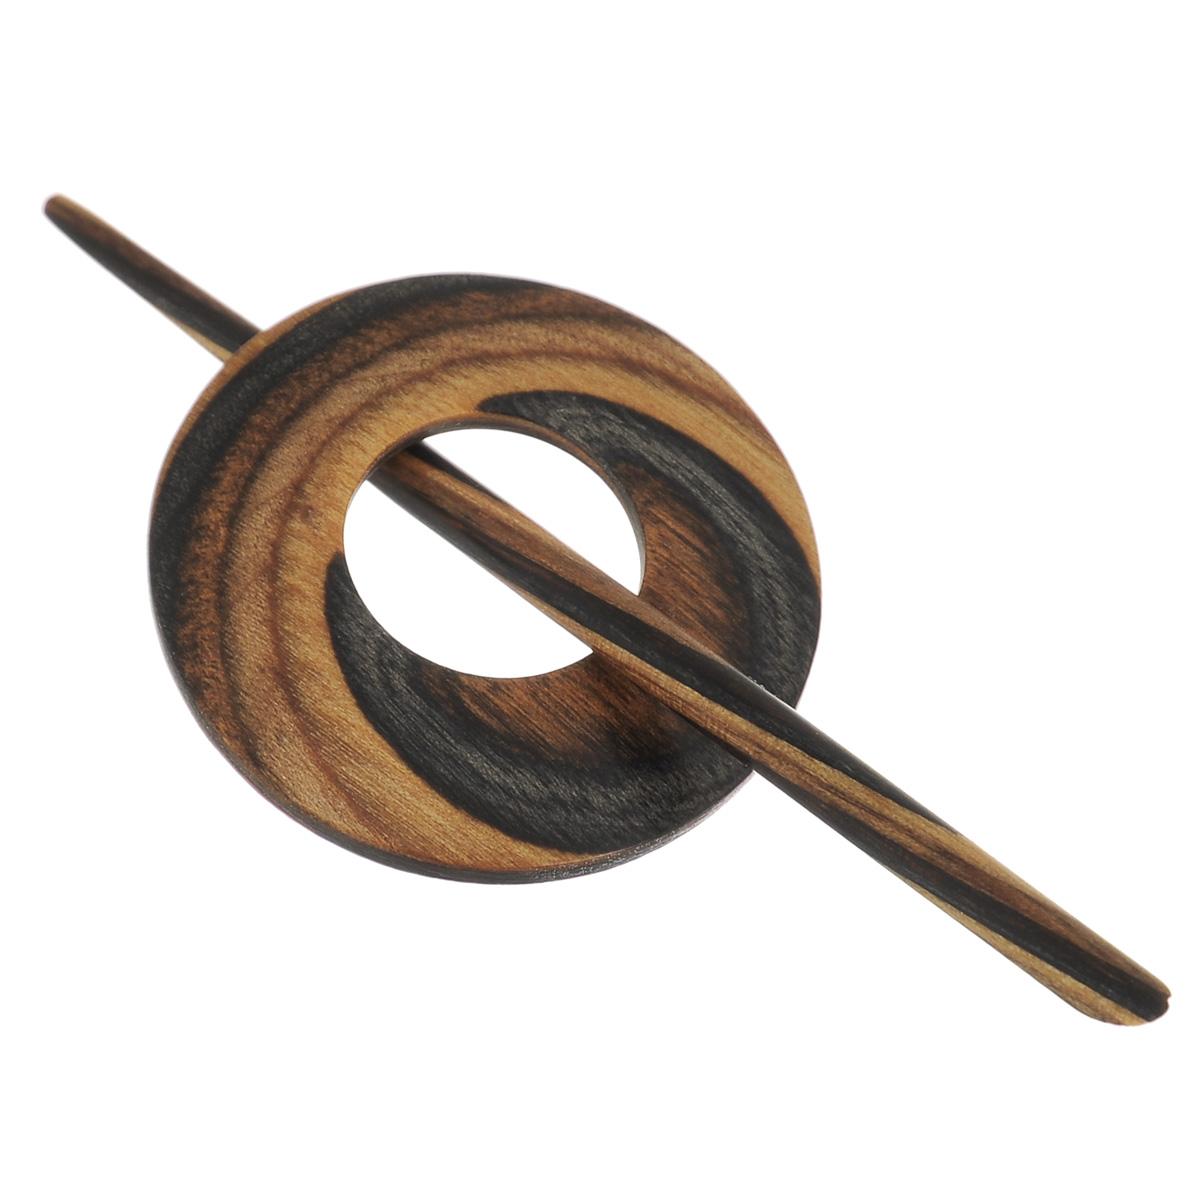 Застежка декоративная Prym Круг, цвет: коричневый, серый417740Декоративная застежка Prym Круг изготовлена из натурального дерева и выполнена в виде палочки и круглого декоративного элемента с большим отверстием по центру. С ее помощью можно пристегнуть кардиган, пончо, палантин или шаль или просто одеть на шерстяной свитер в качестве украшения. Этот красивый, но в то же время функциональный аксессуар непременно понравится вам, а также станет замечательным подарком родным и близким людям! Длина палочки: 12 см. Диаметр декоративного элемента: 4,8 см.